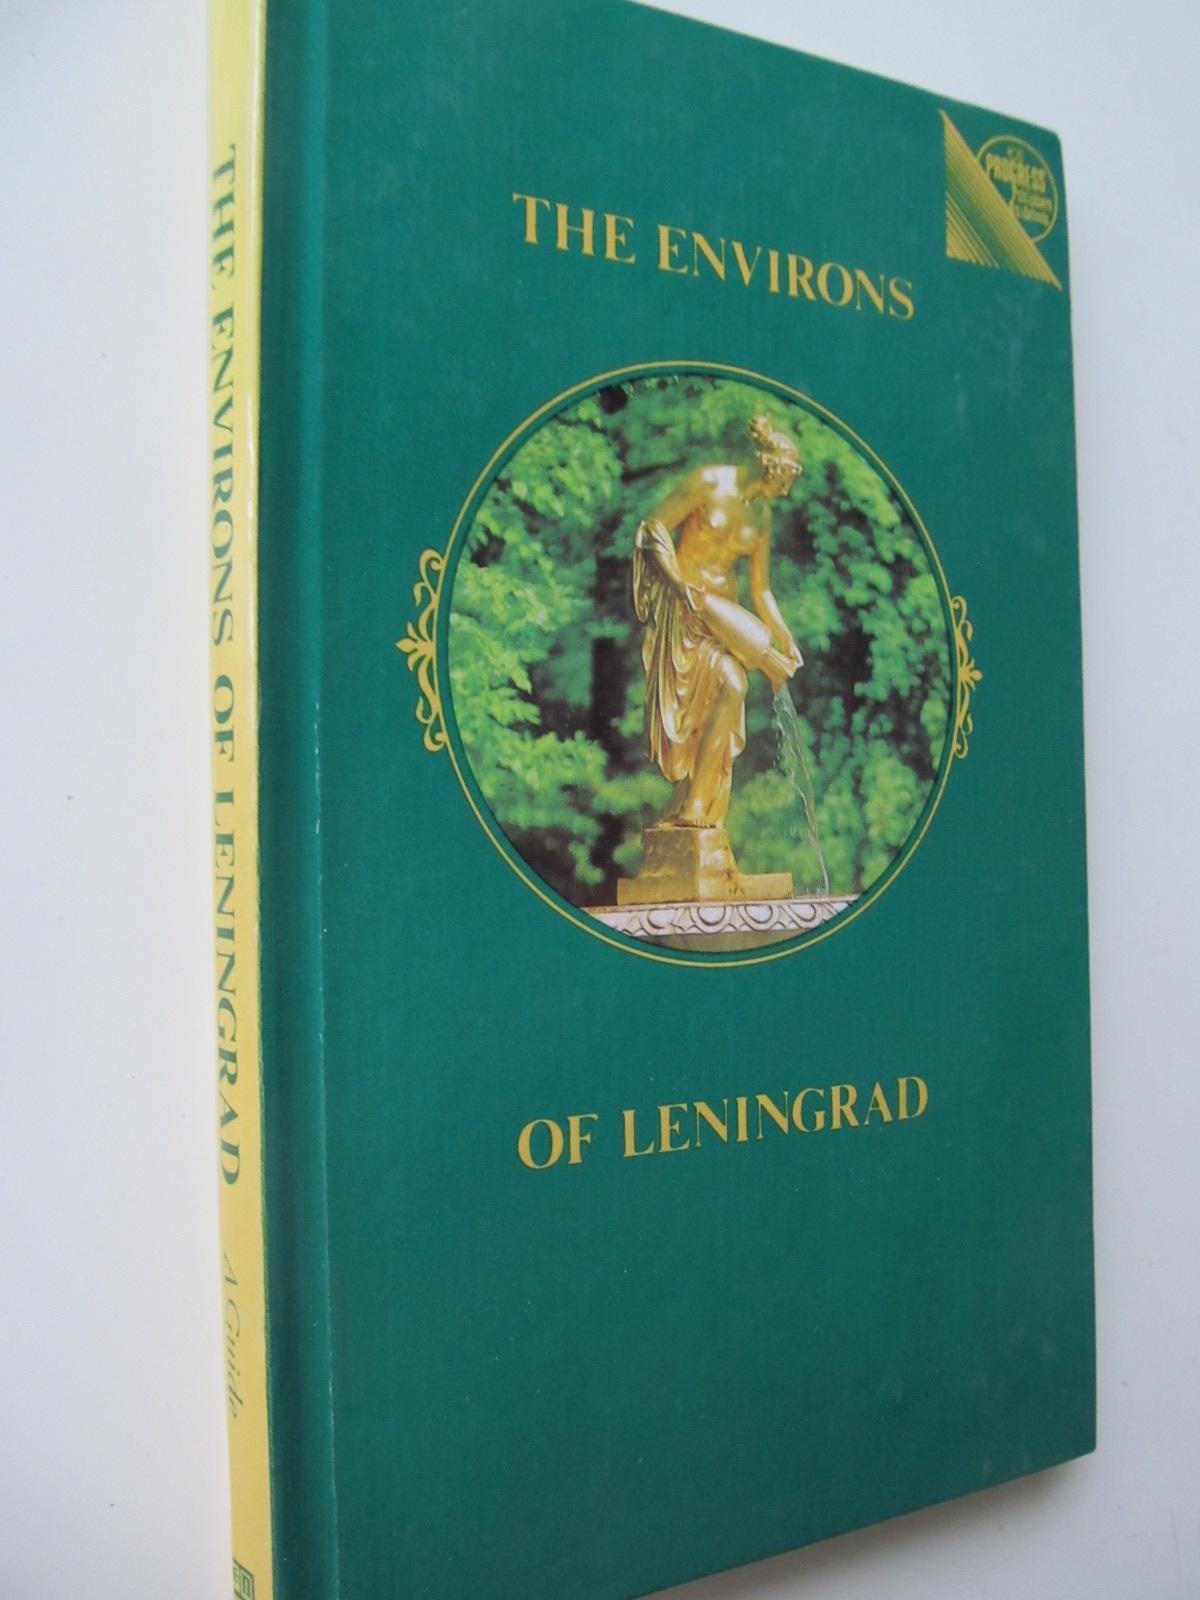 The environs of Leningrad - Pavel Kann | Detalii carte